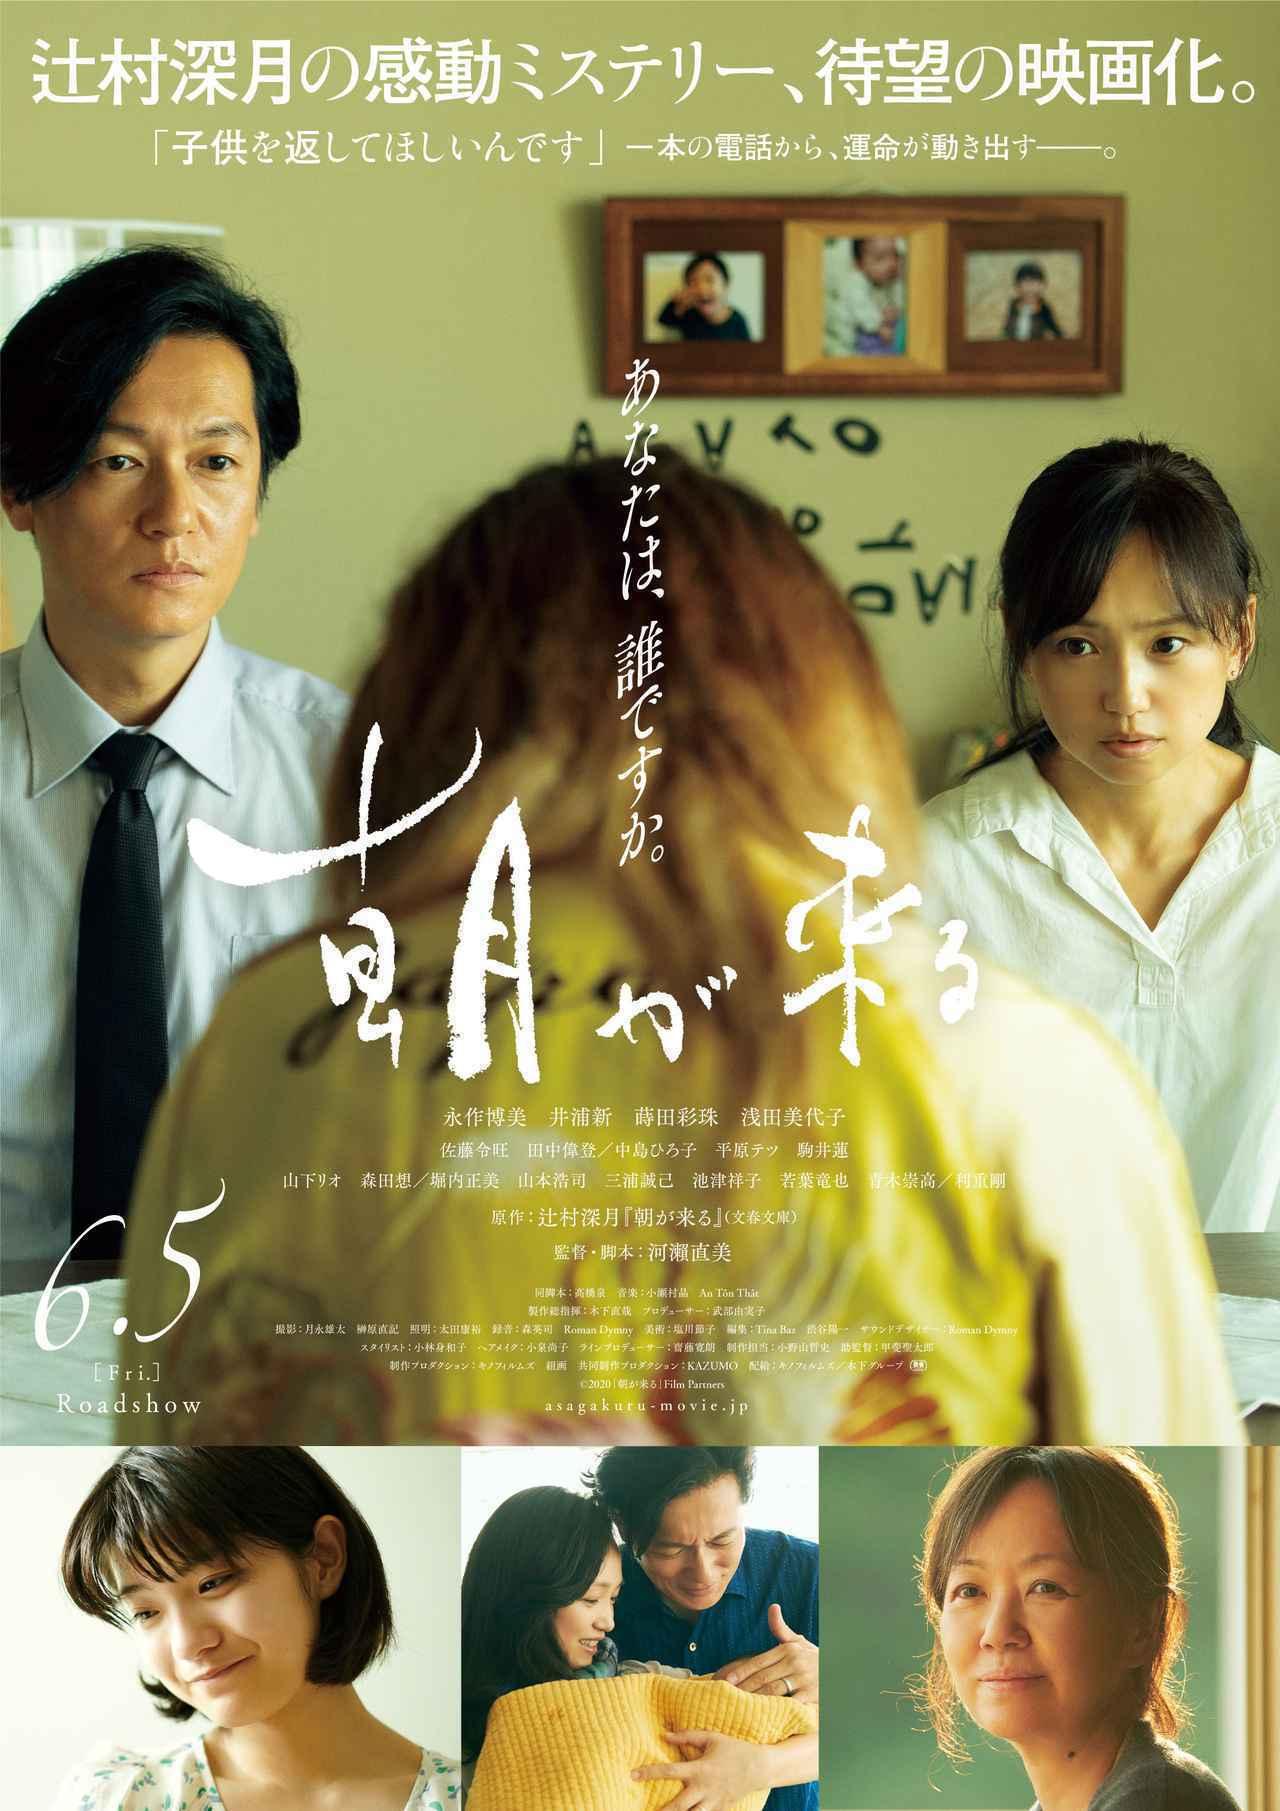 画像1: 日本映画大賞・日本映画優秀賞